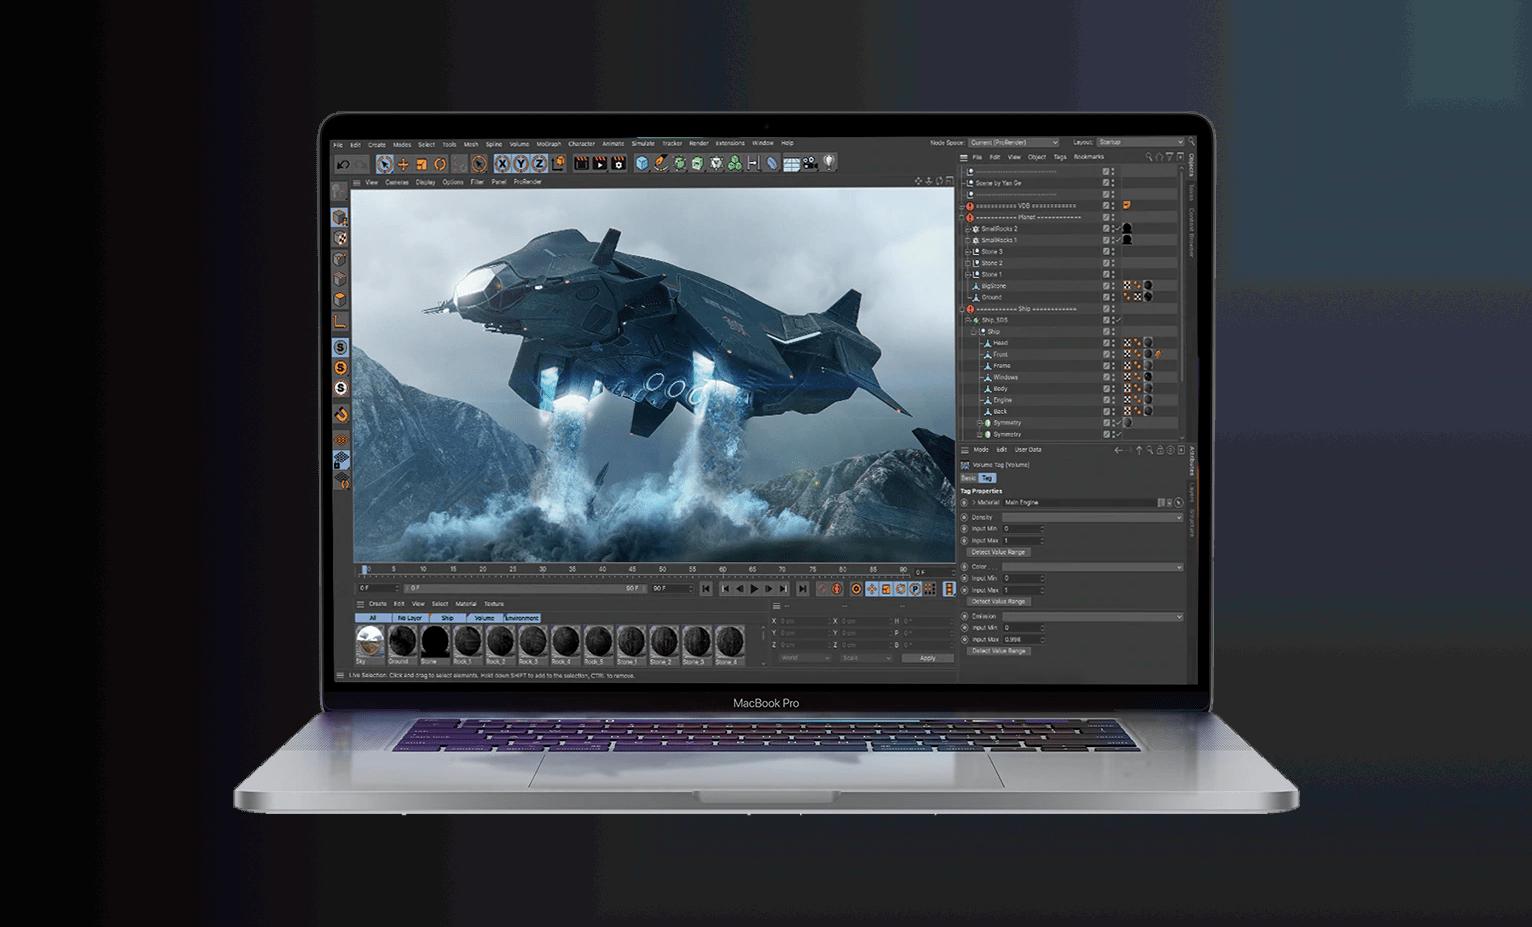 Las nuevas GPU AMD Radeon Pro serie 5000 brindan un rendimiento gráfico excepcional al iMac de 27 pulgadas